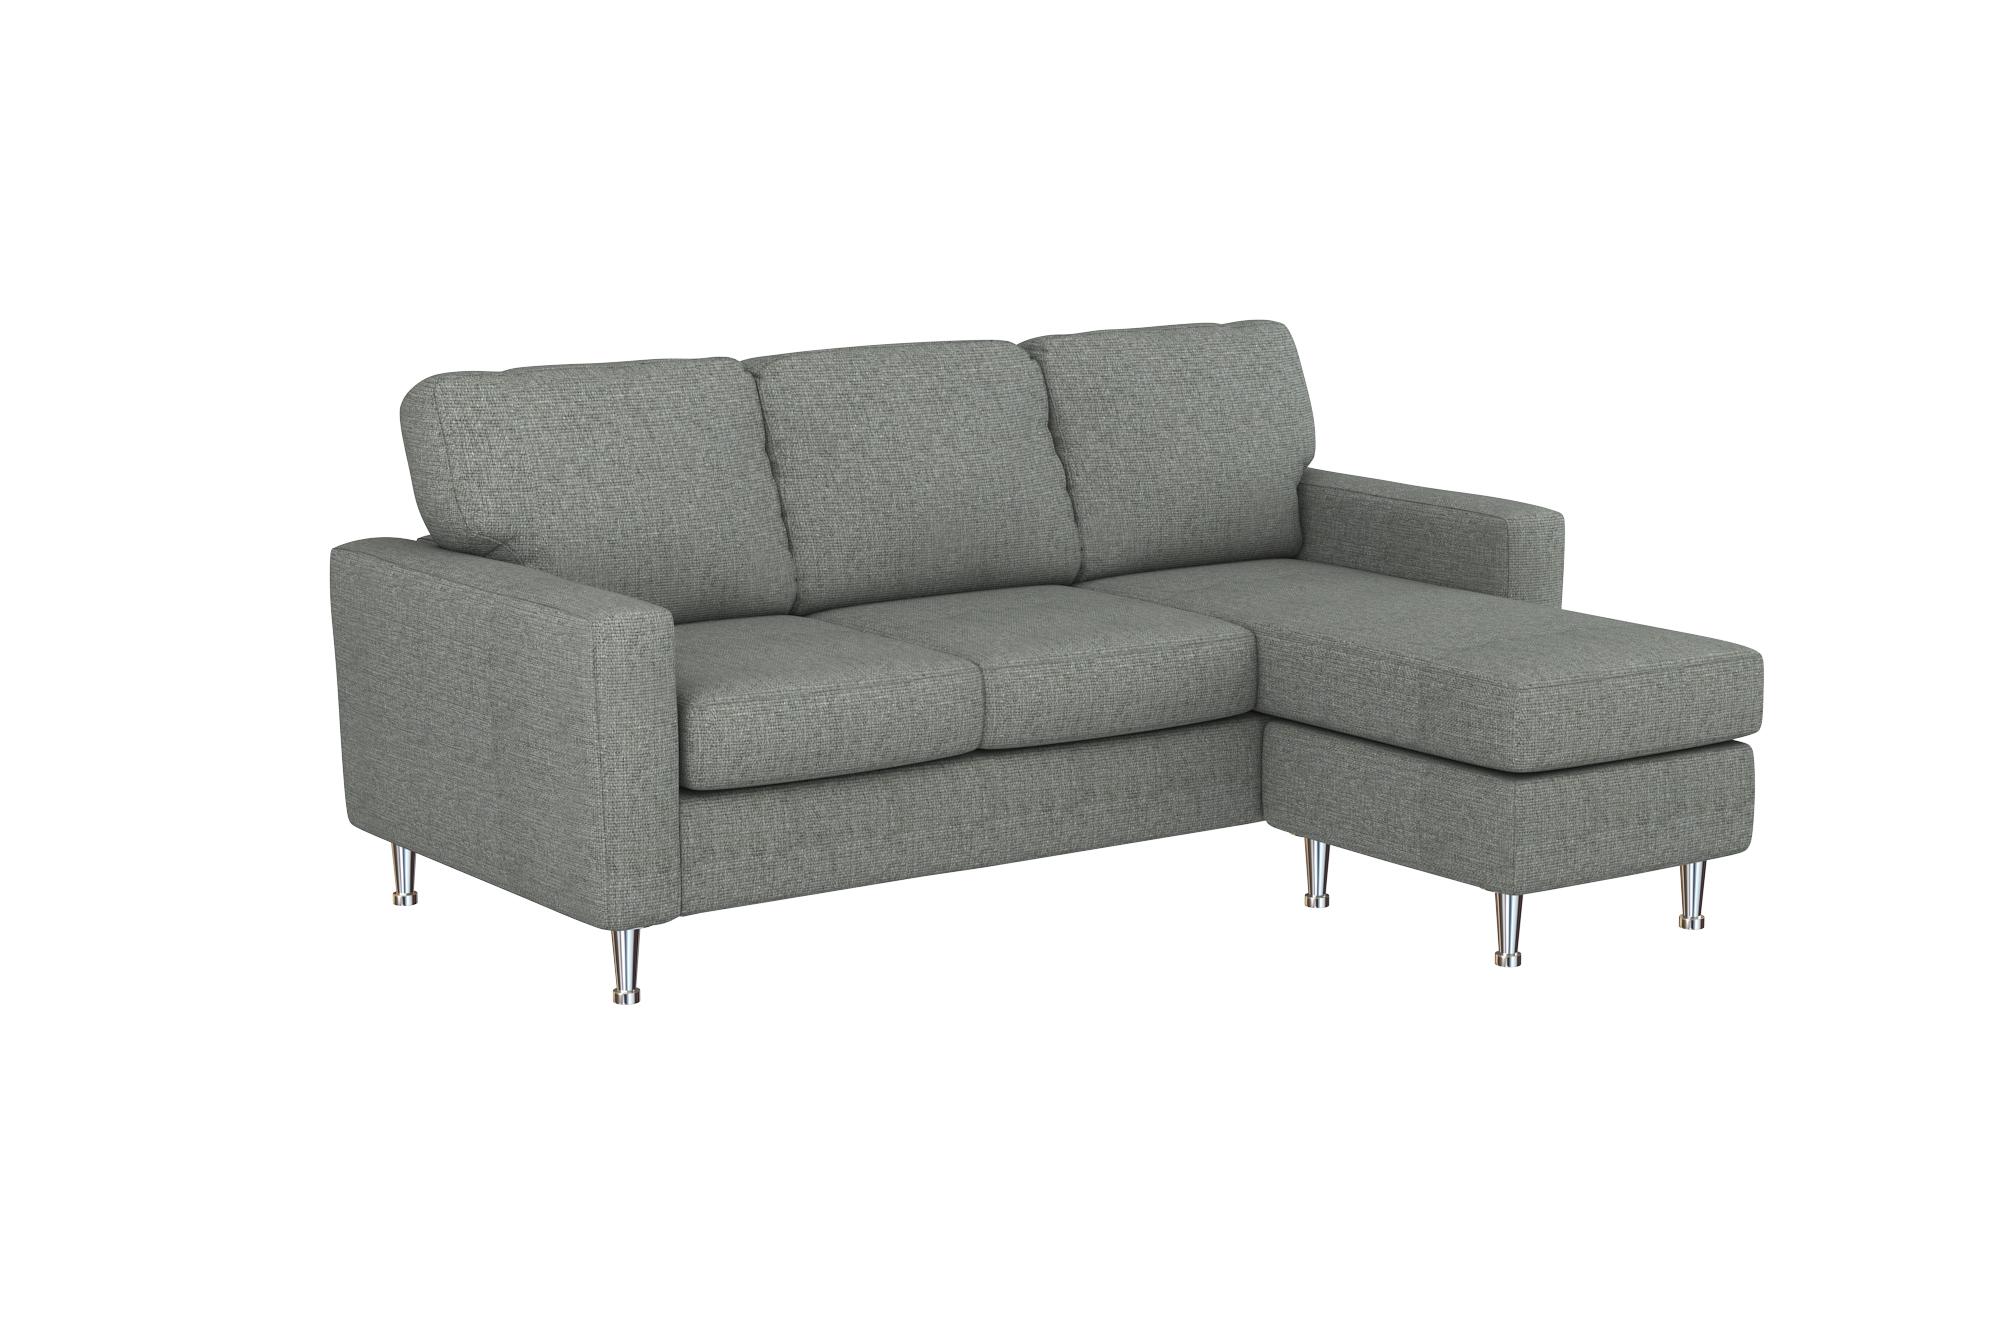 Grayland Living Room Rental Furniture Set 4